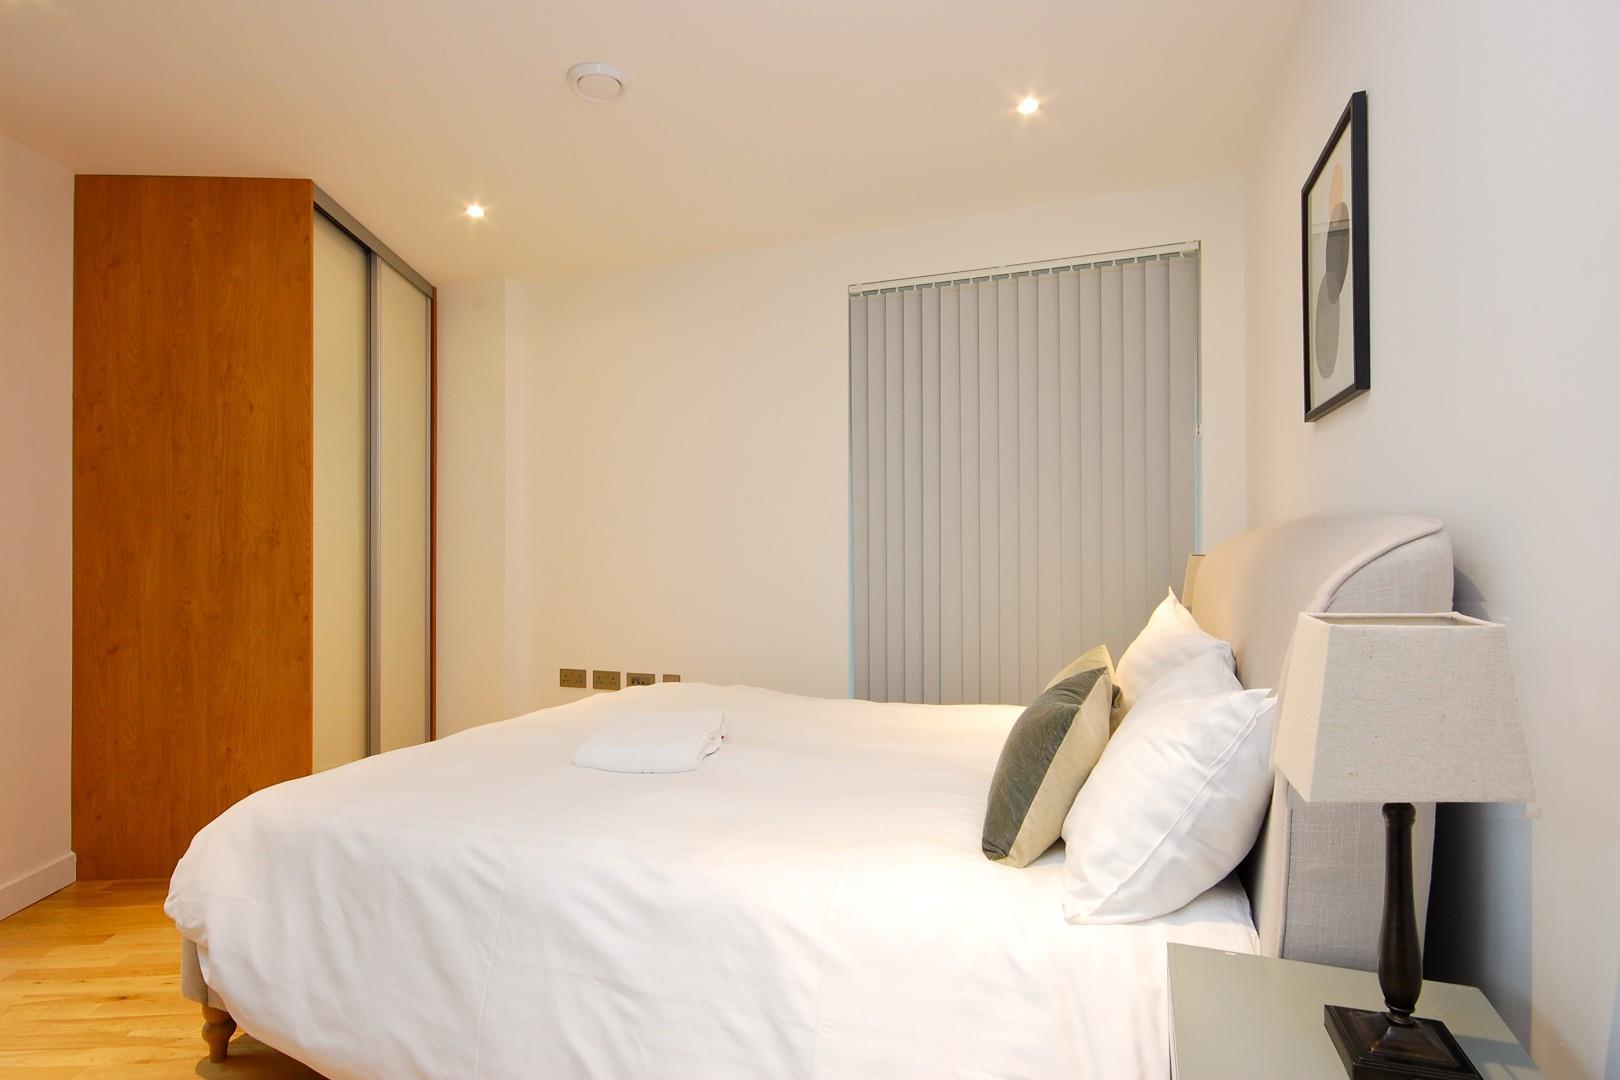 Godfrey-Bedroom 2c.jpg